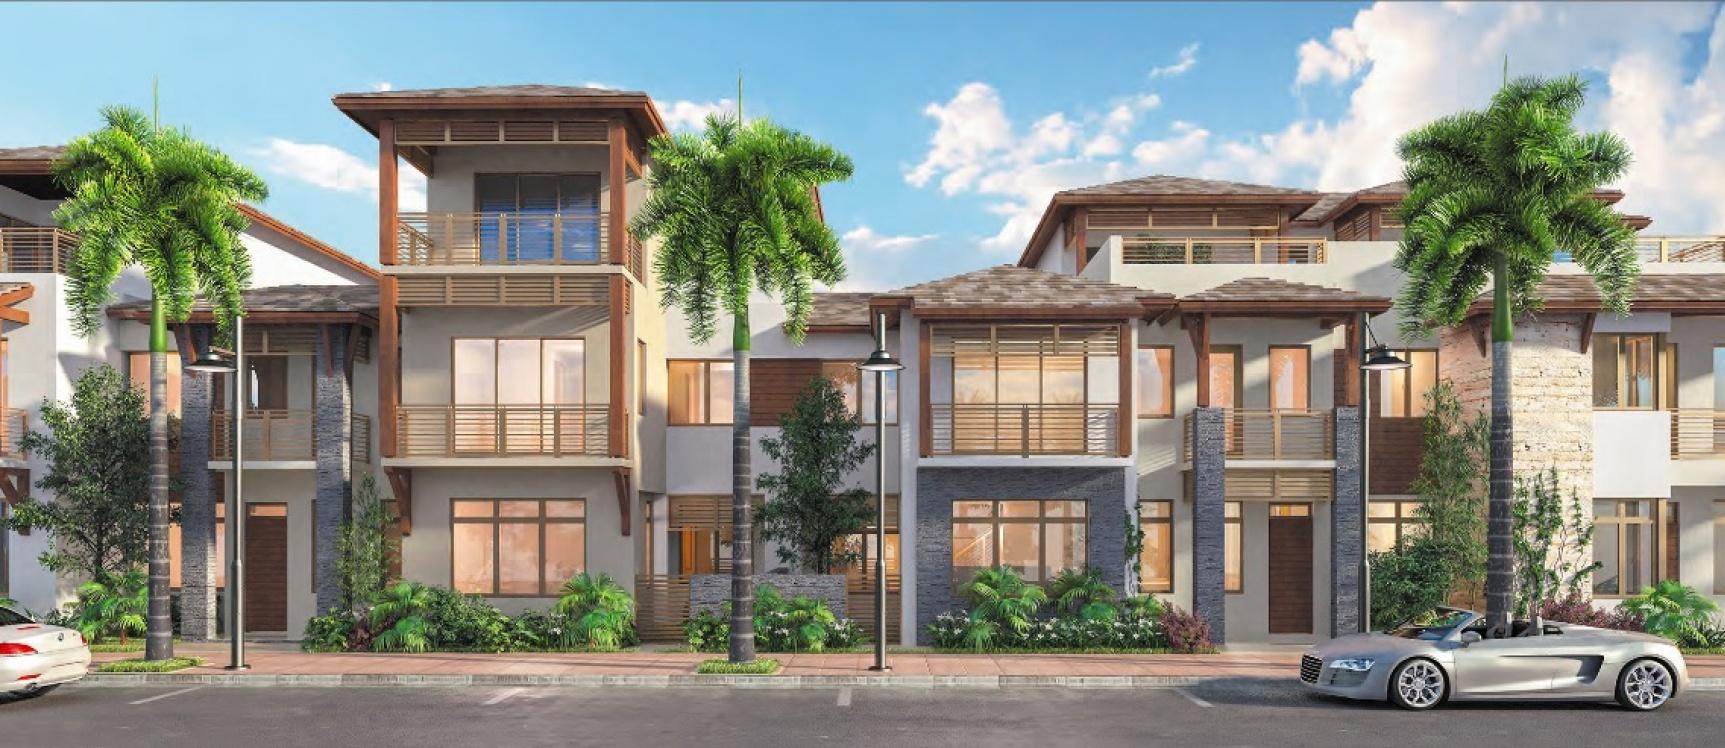 GeoBienes - Canarias at Downtown Doral Casas en venta en Miami - Plusvalia Guayaquil Casas de venta y alquiler Inmobiliaria Ecuador